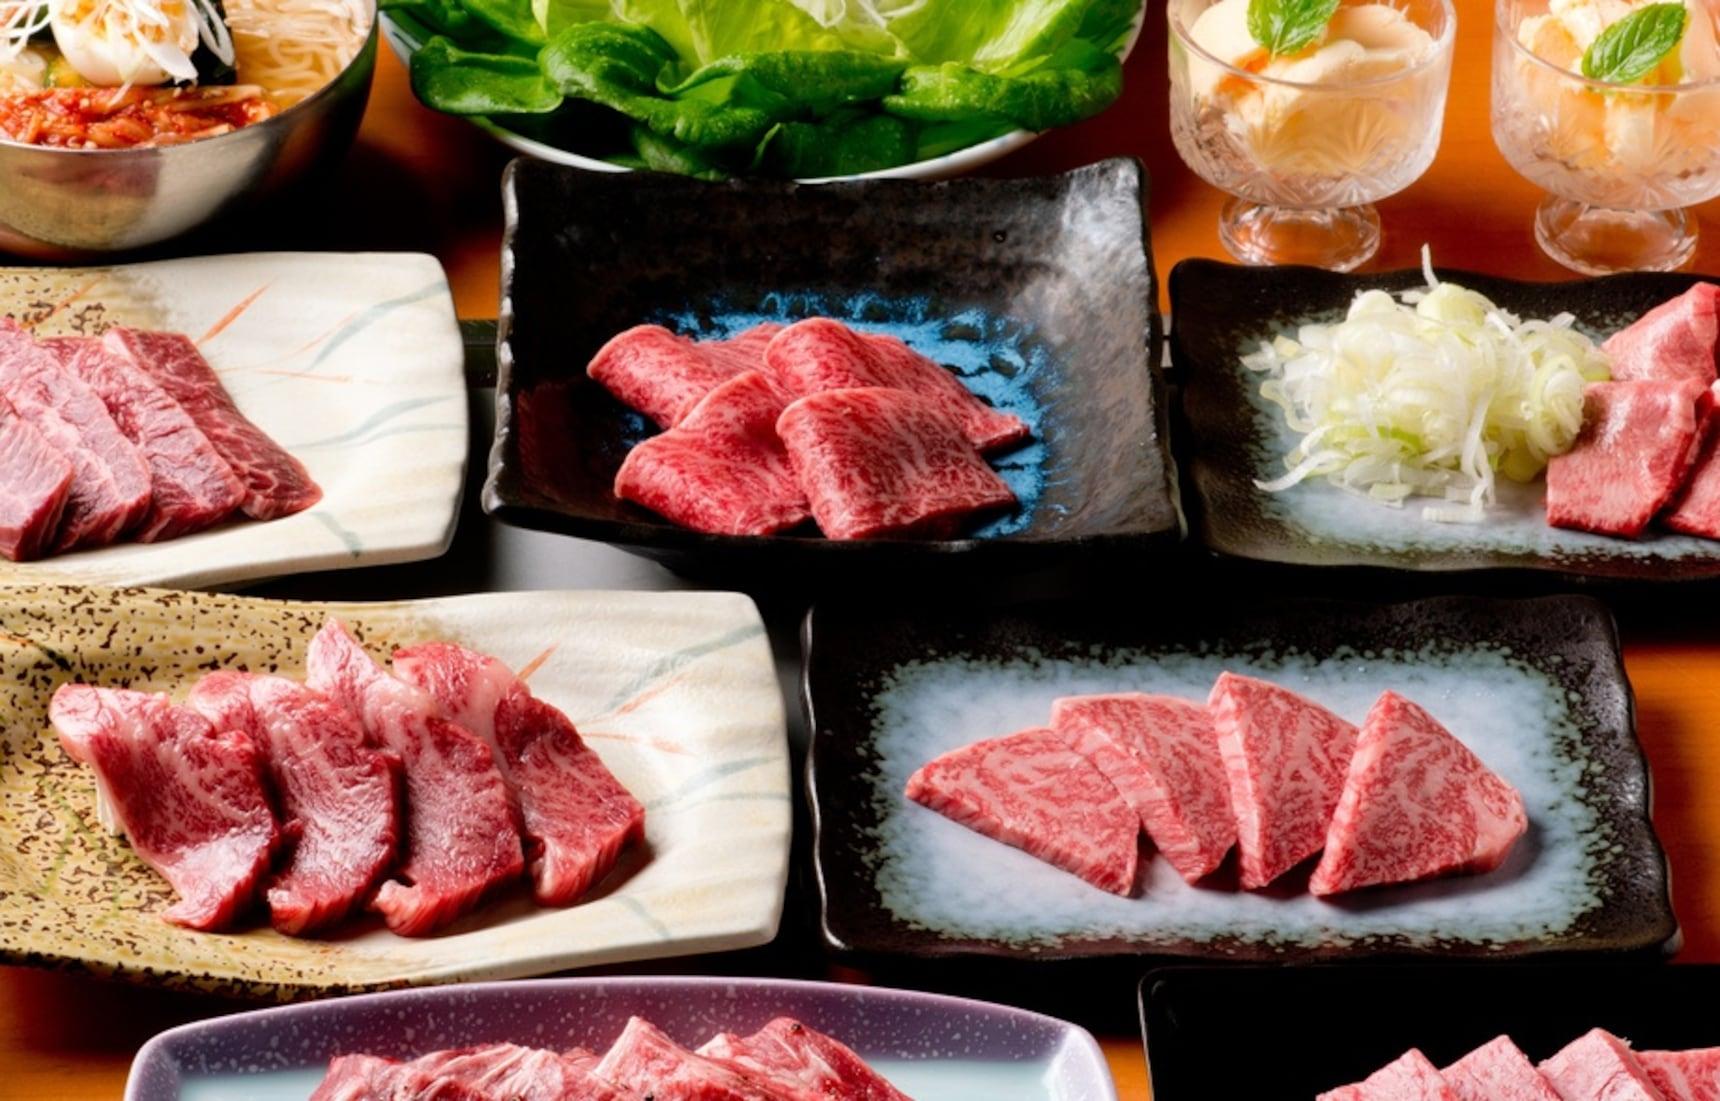 旅遊指標網站TripAdvisor (貓途鷹) 2018日本最佳餐廳推薦整理